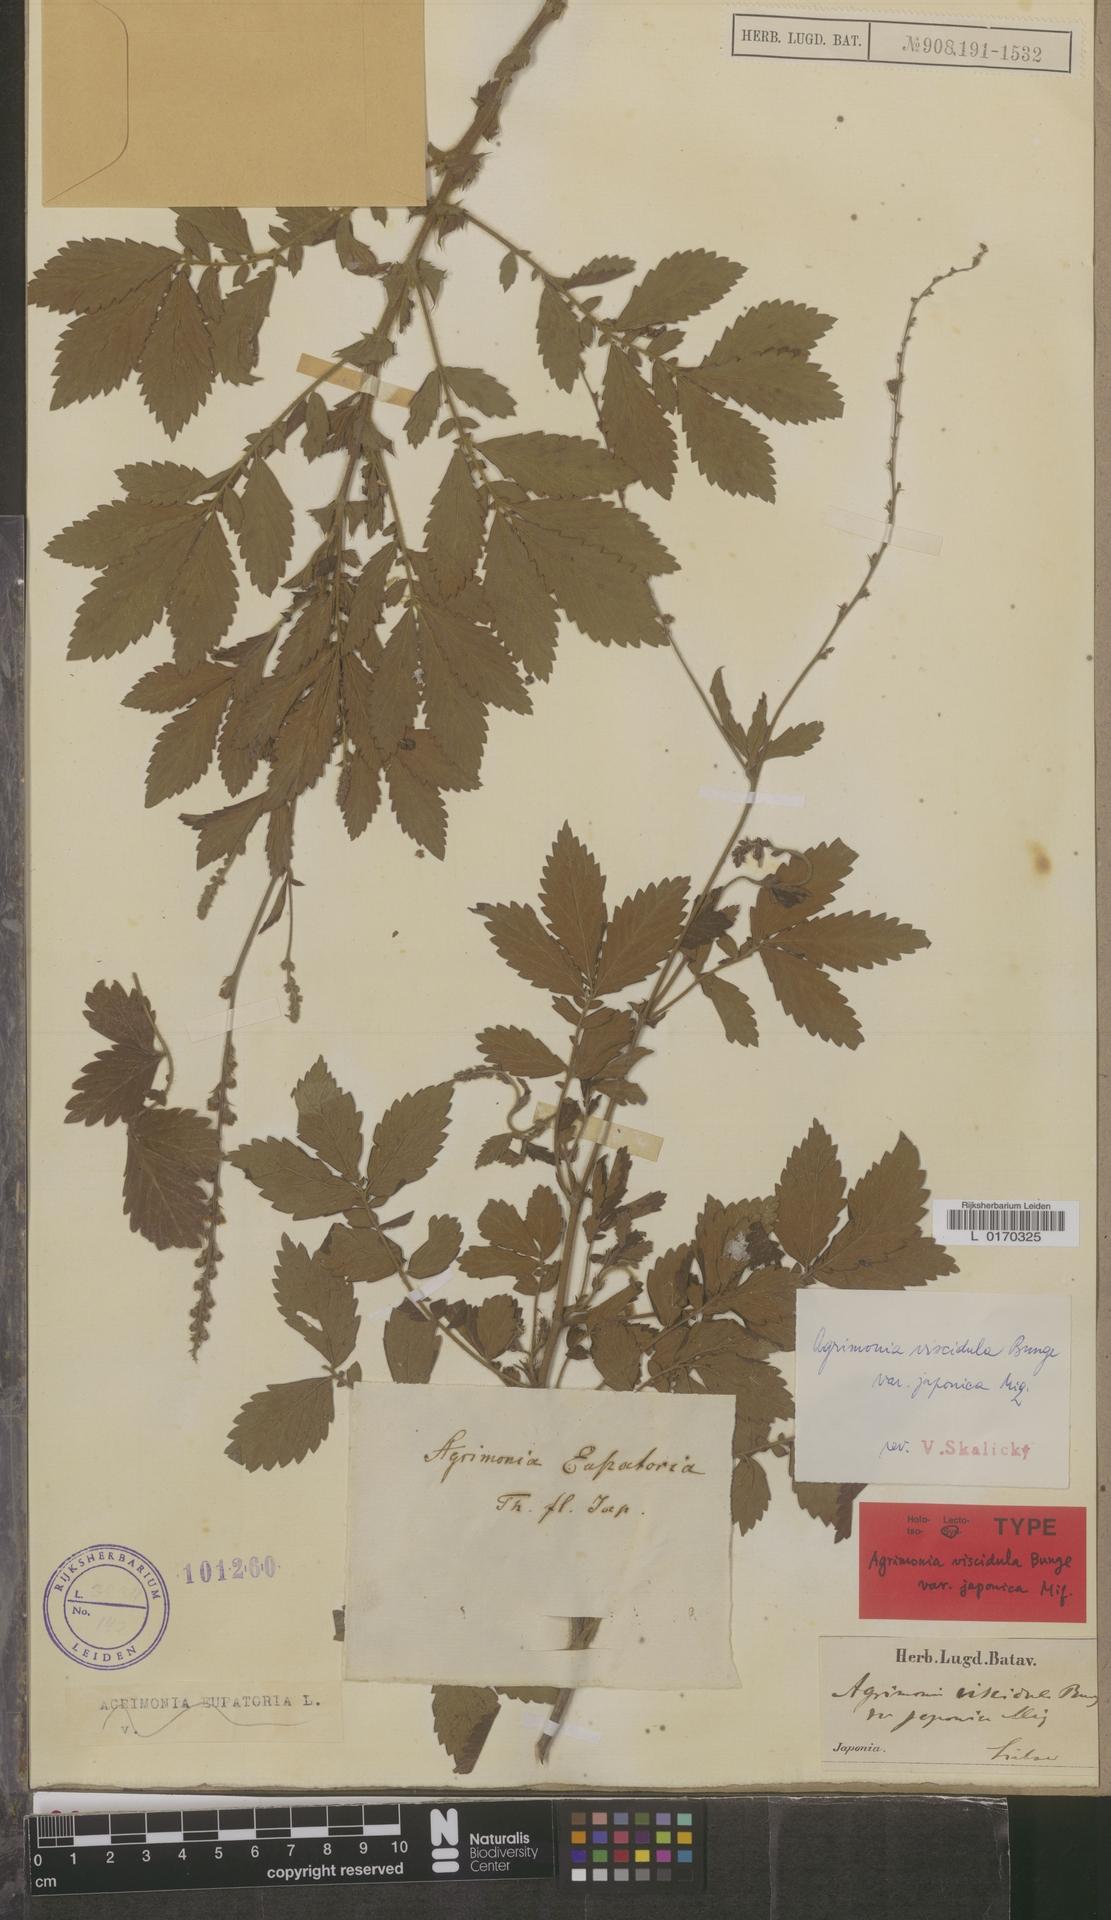 L  0170325 | Agrimonia viscidula var. japonica Miq.